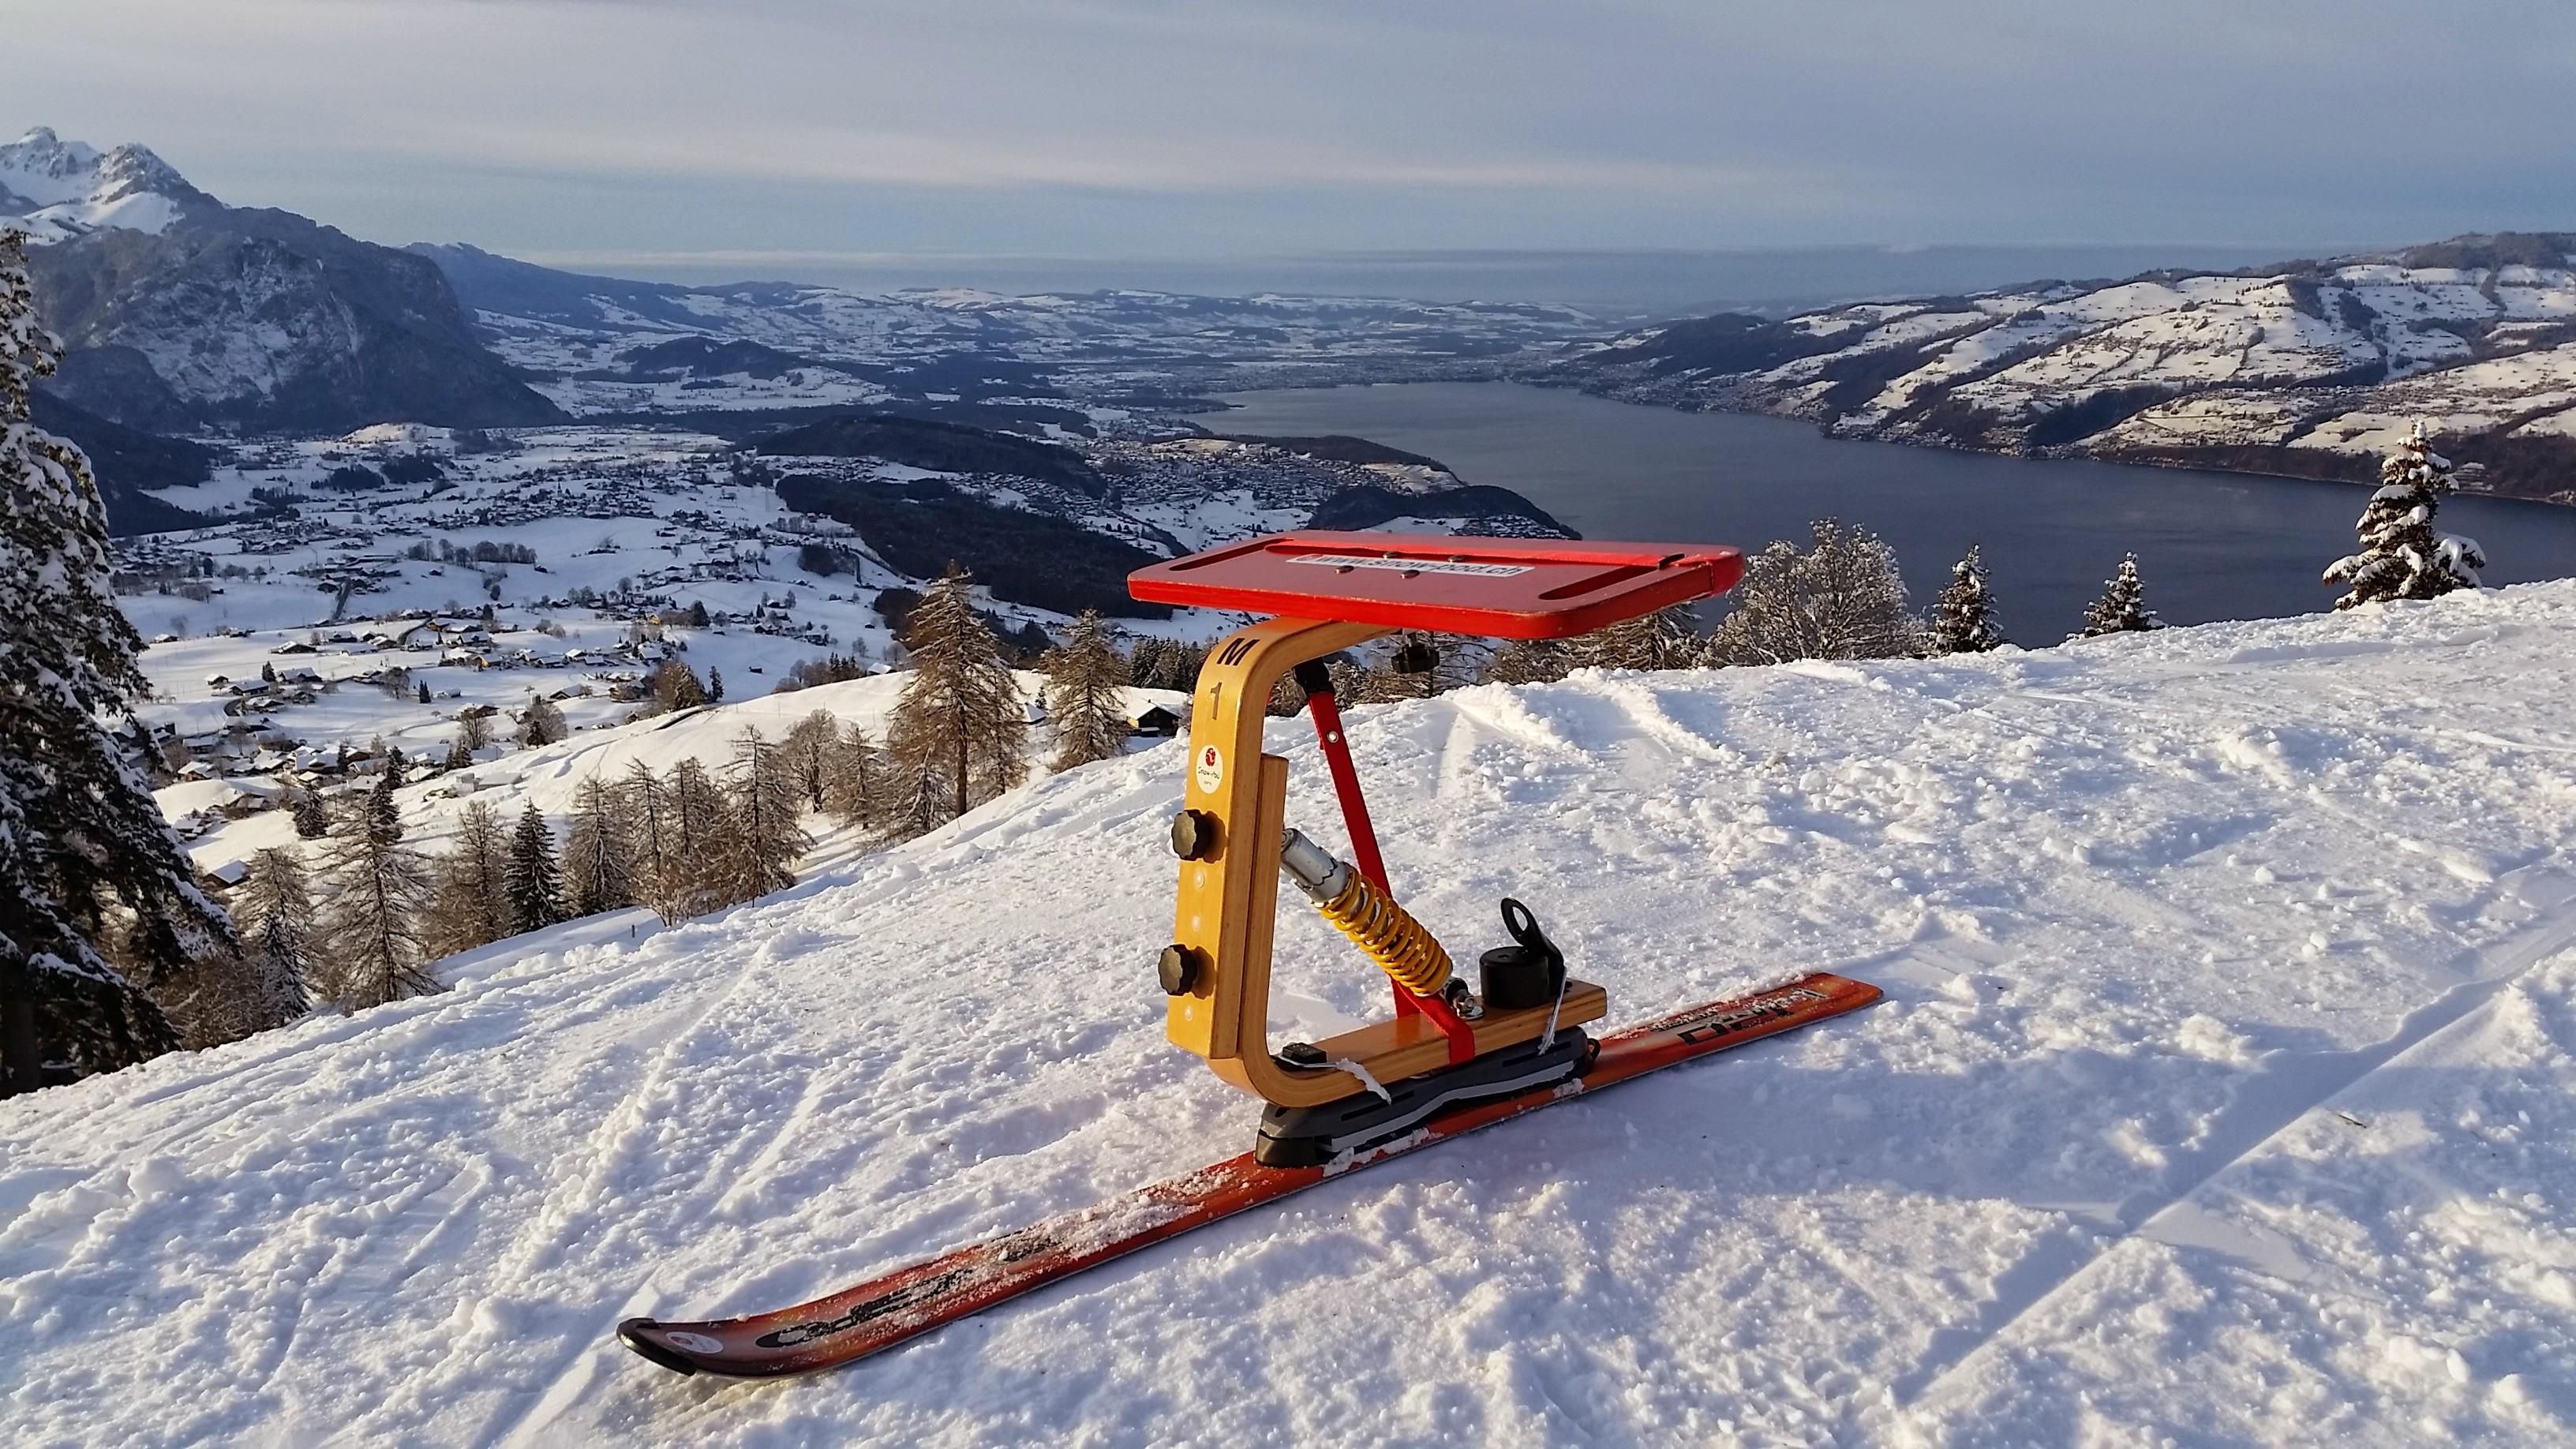 Der einzigartige Snow-Pod Schlitten